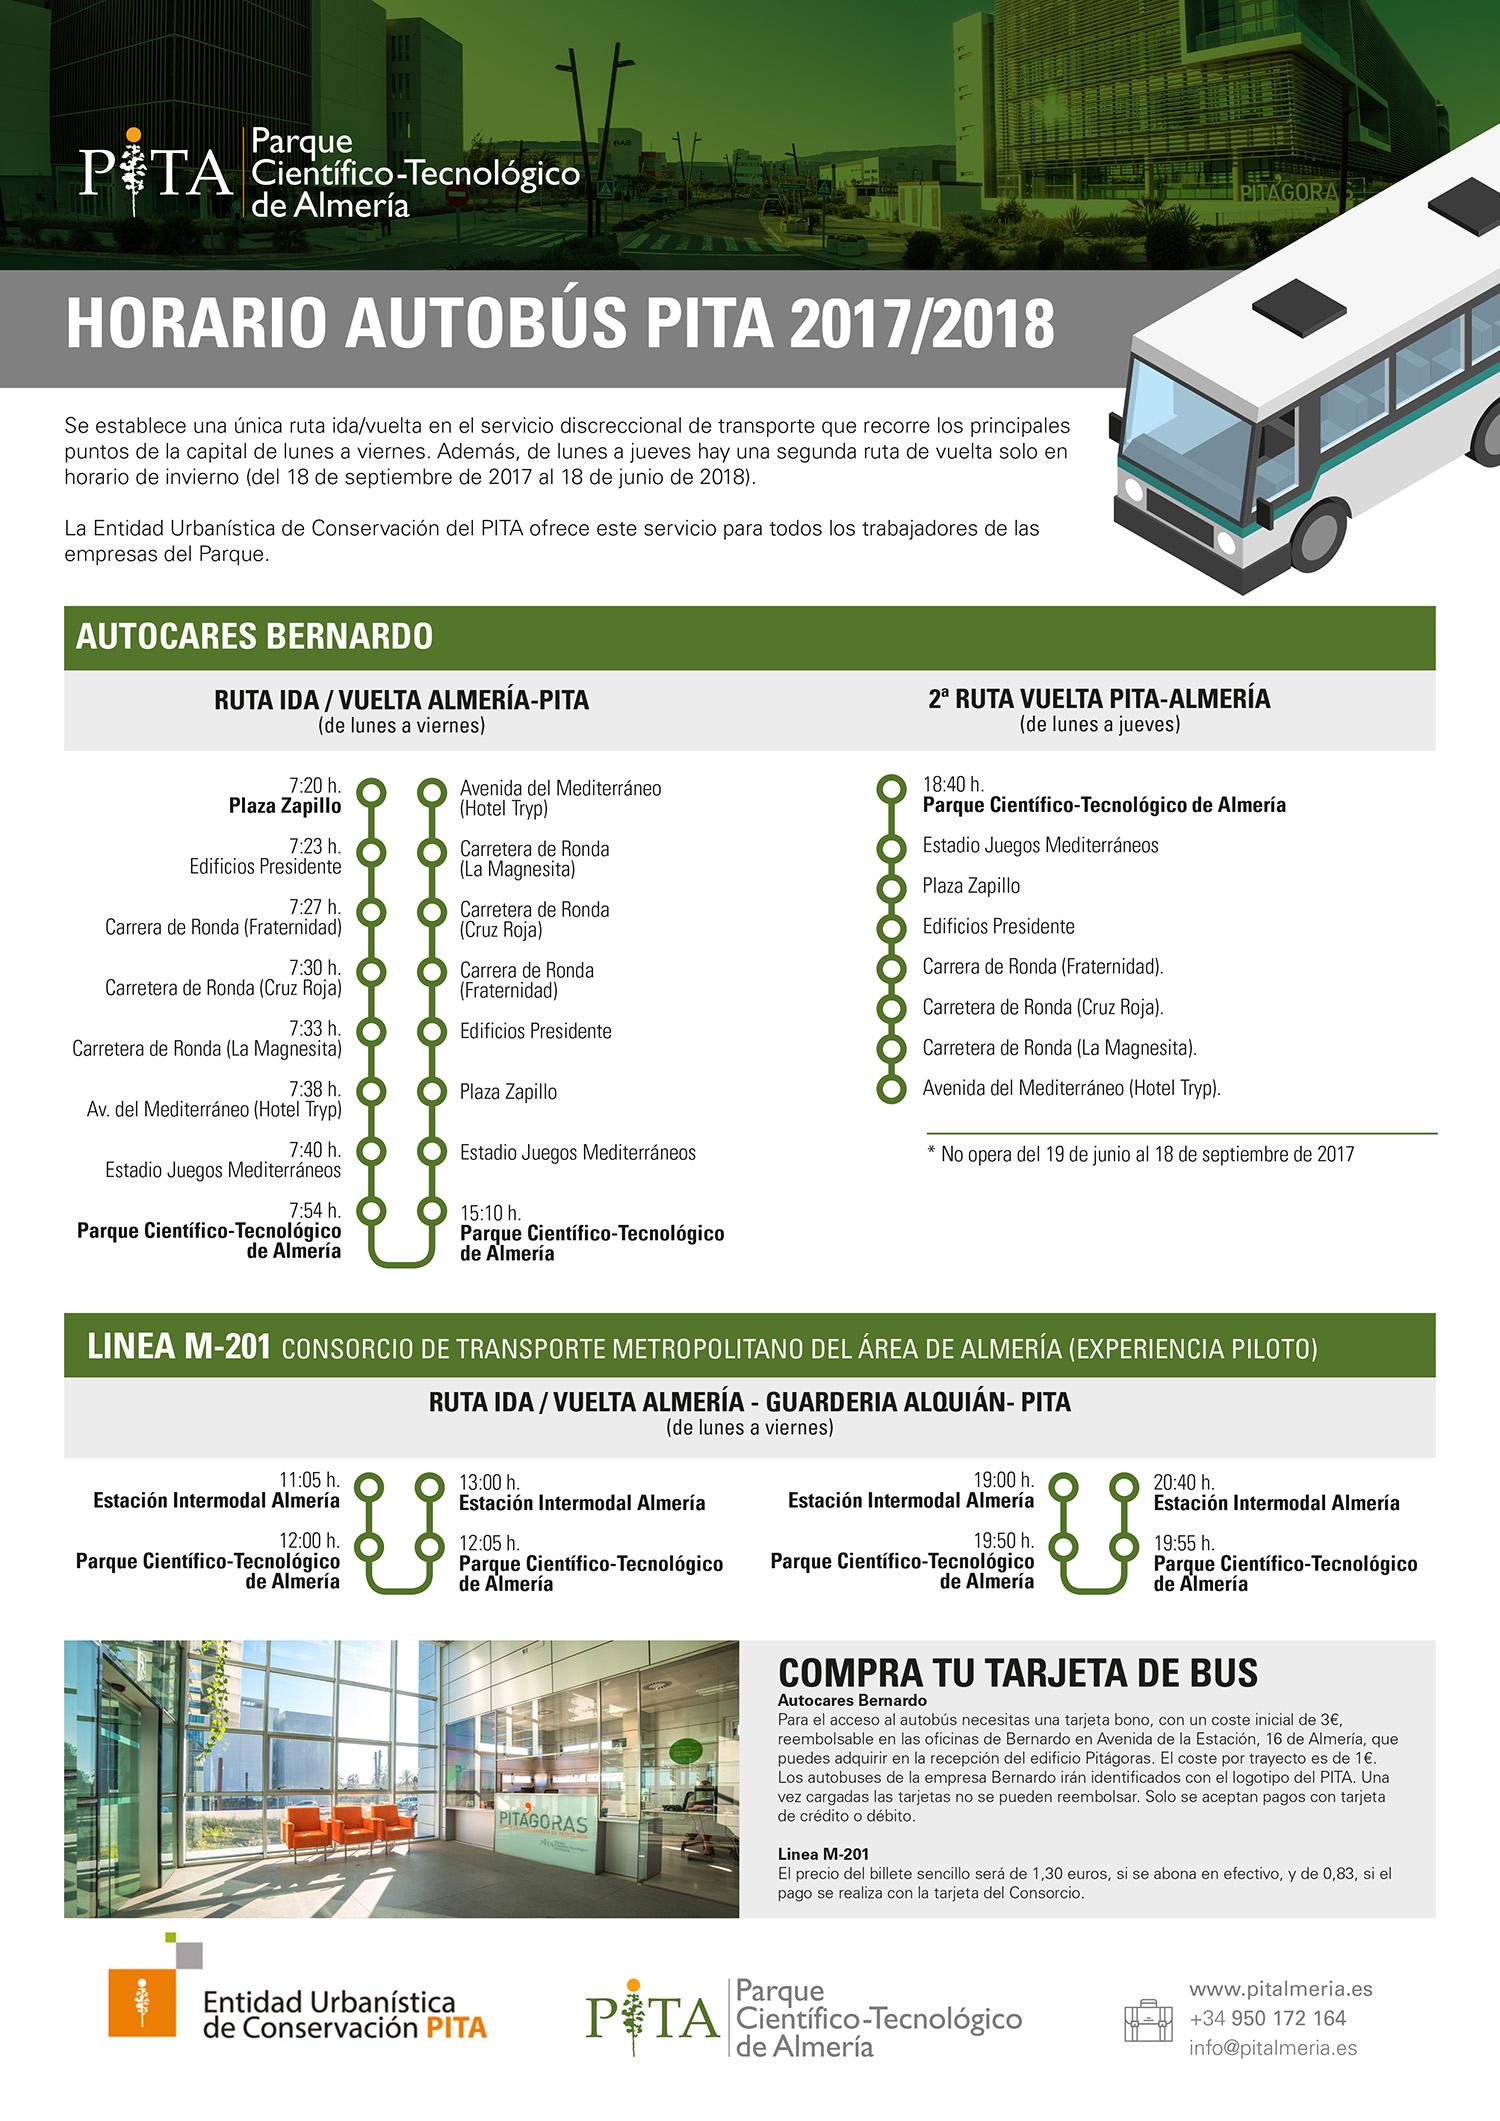 Horario autobus PITA 2017/2018